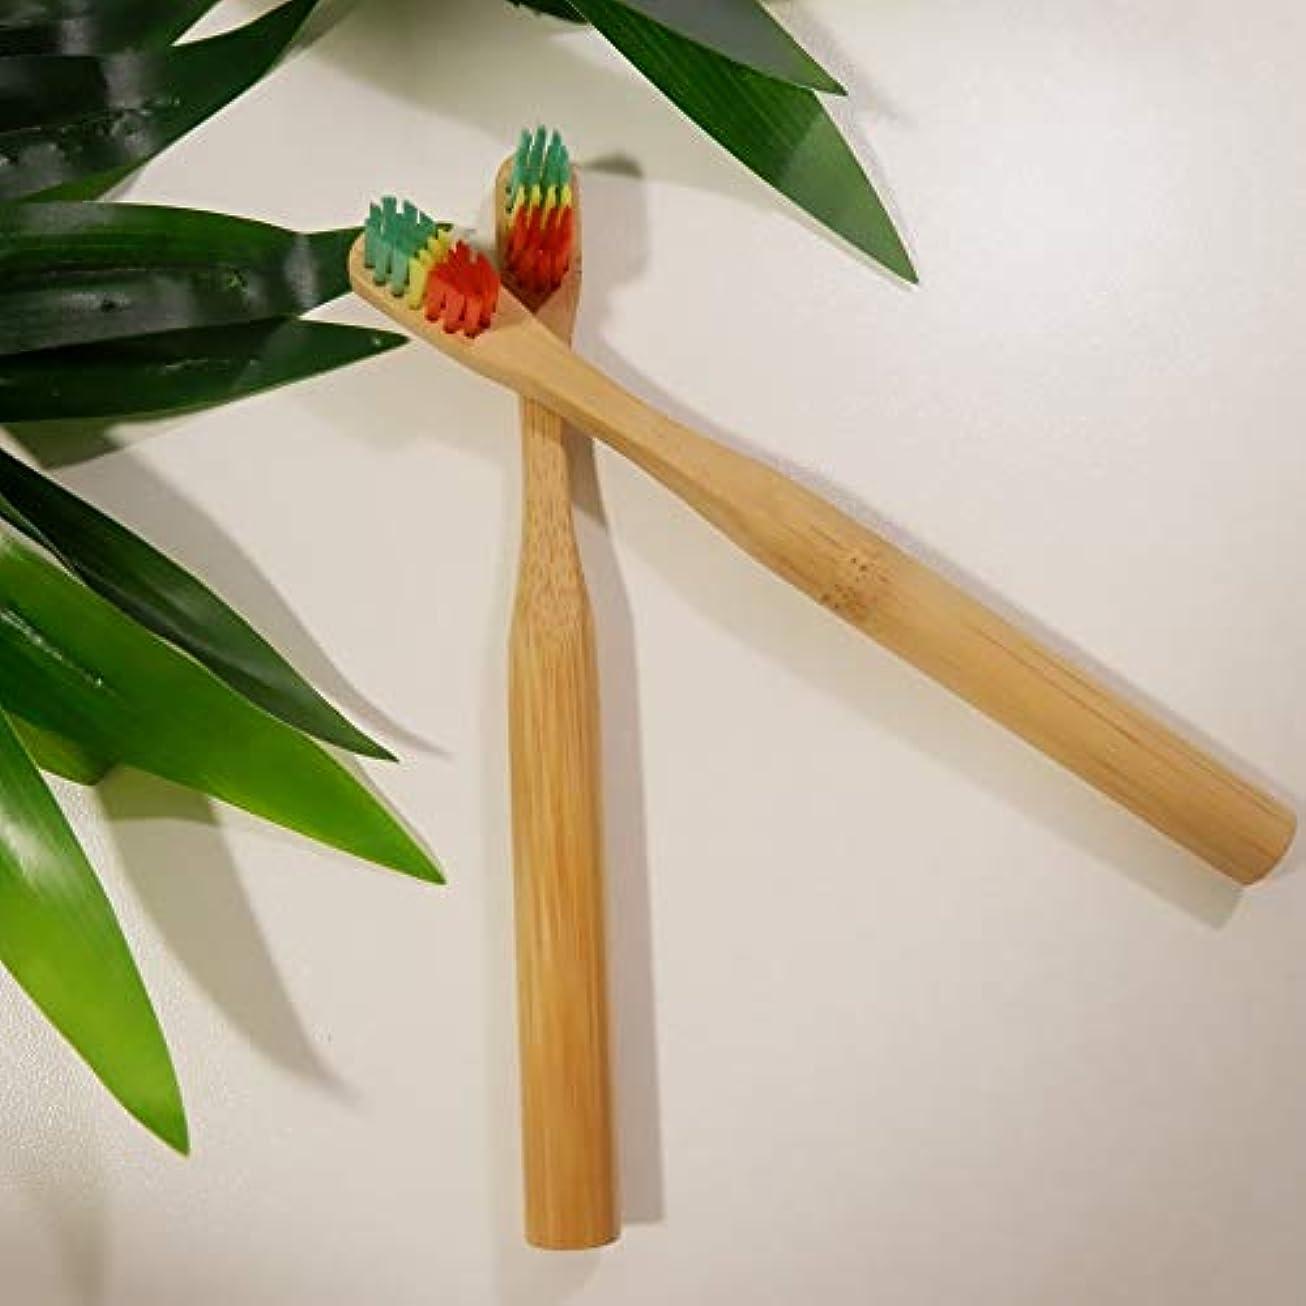 宝石実施する失SODAOA屋 8個セット 竹製 カラフル 歯ブラシセット 柔らかい 剛毛 子供 大人 木製 歯ブラシ 歯科心配環境に優しい BPAフリー 旅行用 可愛い シンプル クリスマスギフト 便利